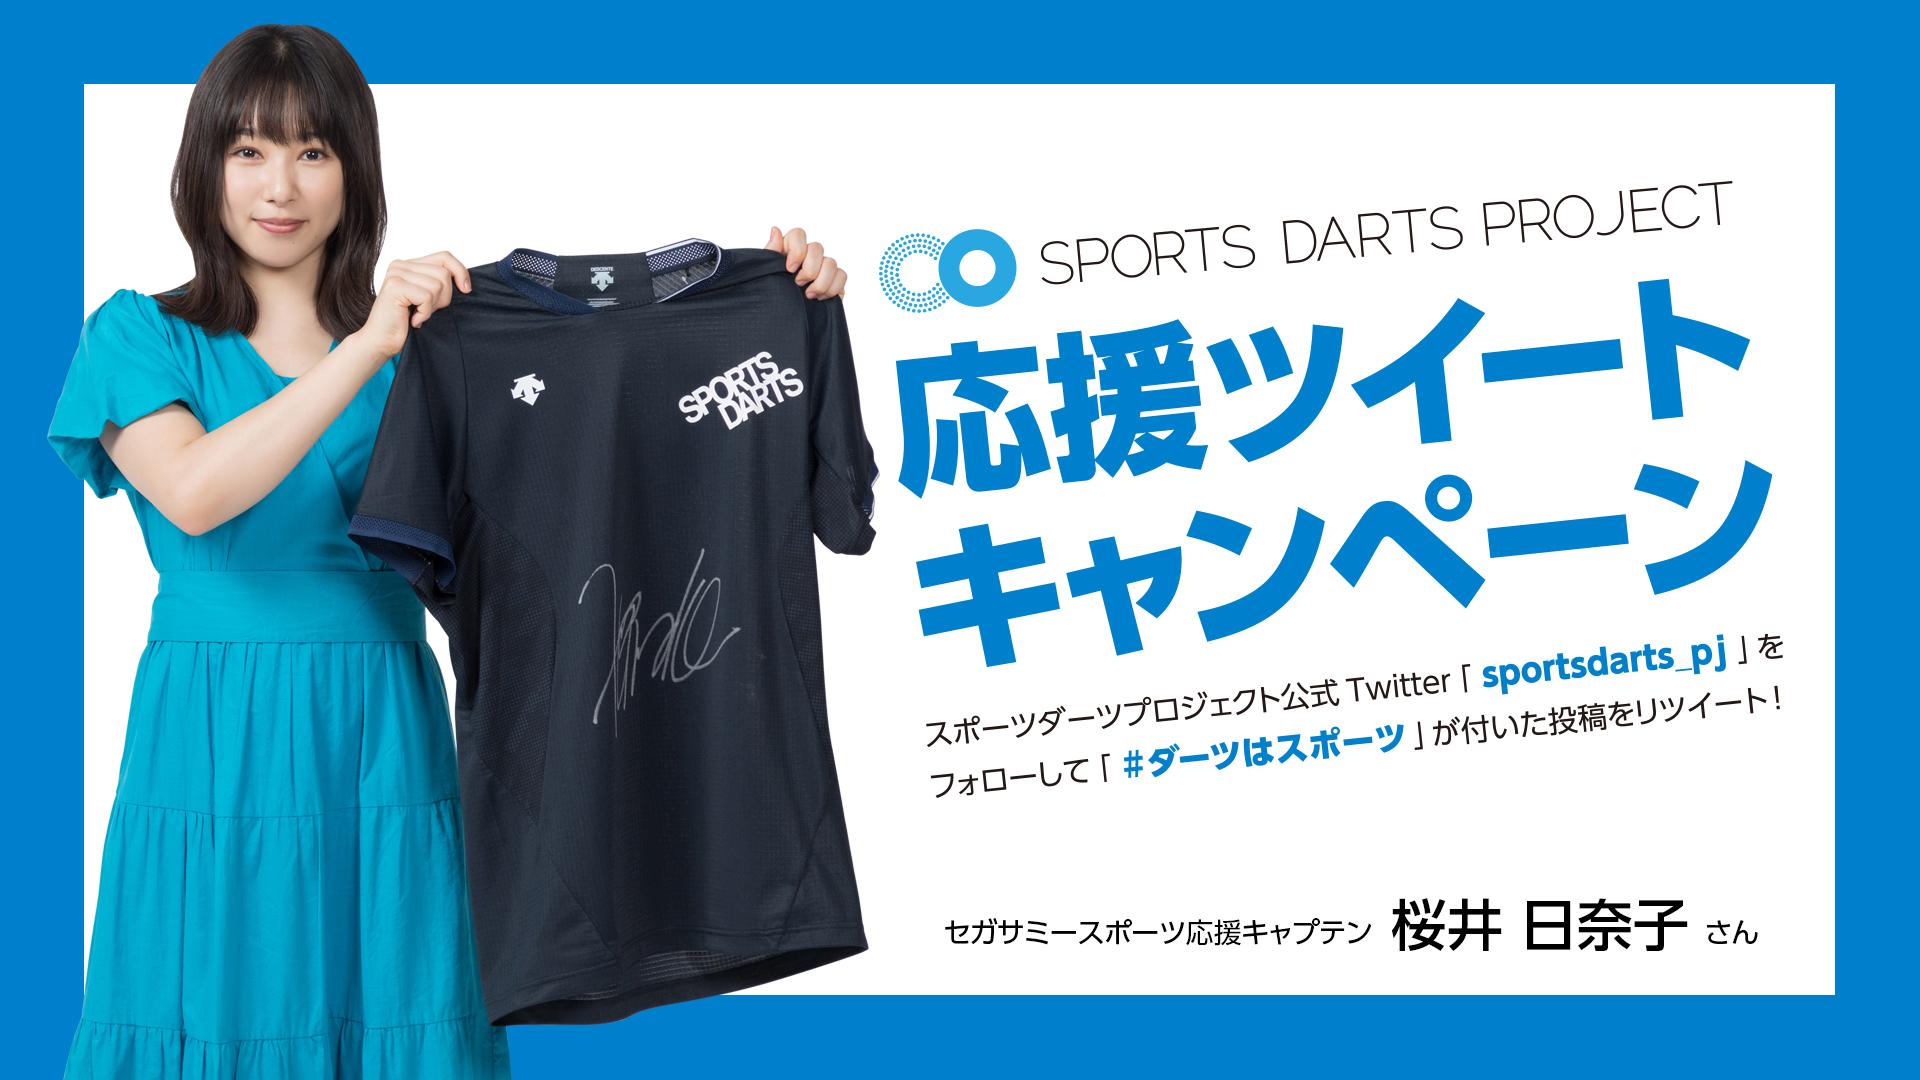 桜井日奈子さんのサイン入りユニフォームが当たる!  応援ツイートキャンペーンを実施